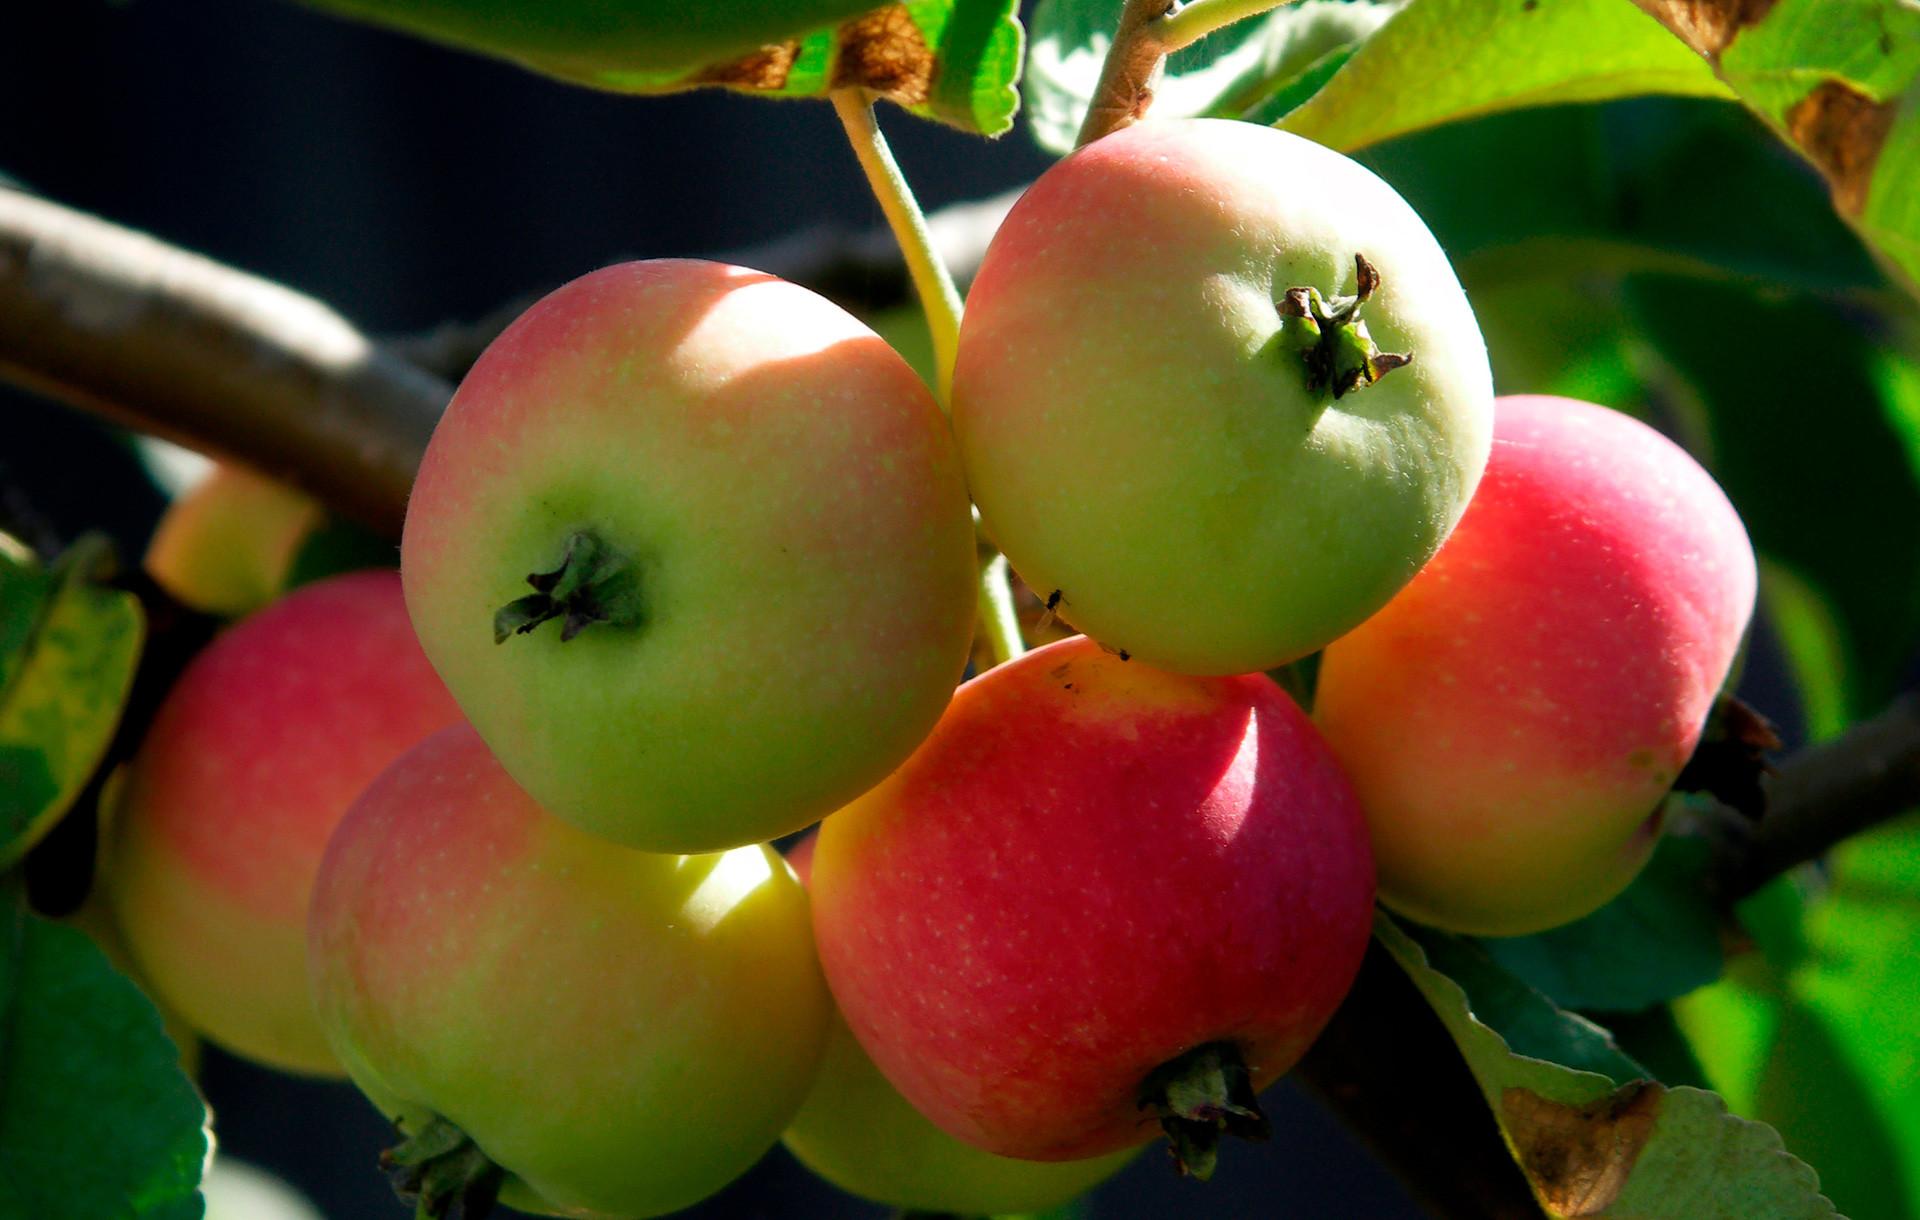 Ранет је врста мале јабуке.